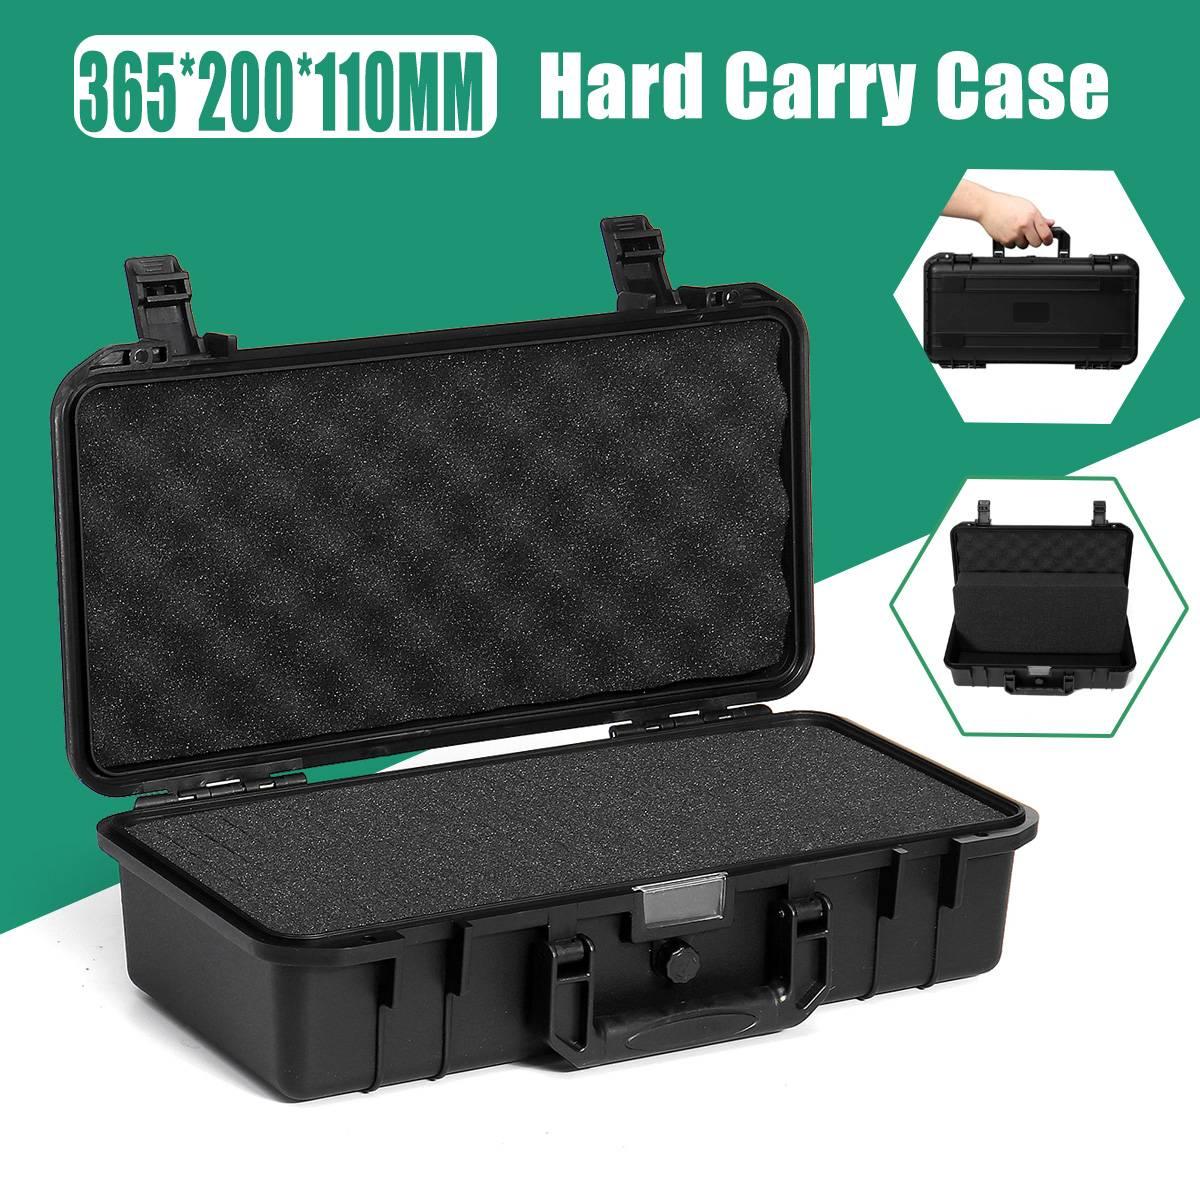 Schutz Sicherheit Instrument Werkzeug Box Wasserdicht Stoßfest Toolbox Versiegelt Werkzeug Fall Auswirkungen Beständig Koffer Mit Schwamm